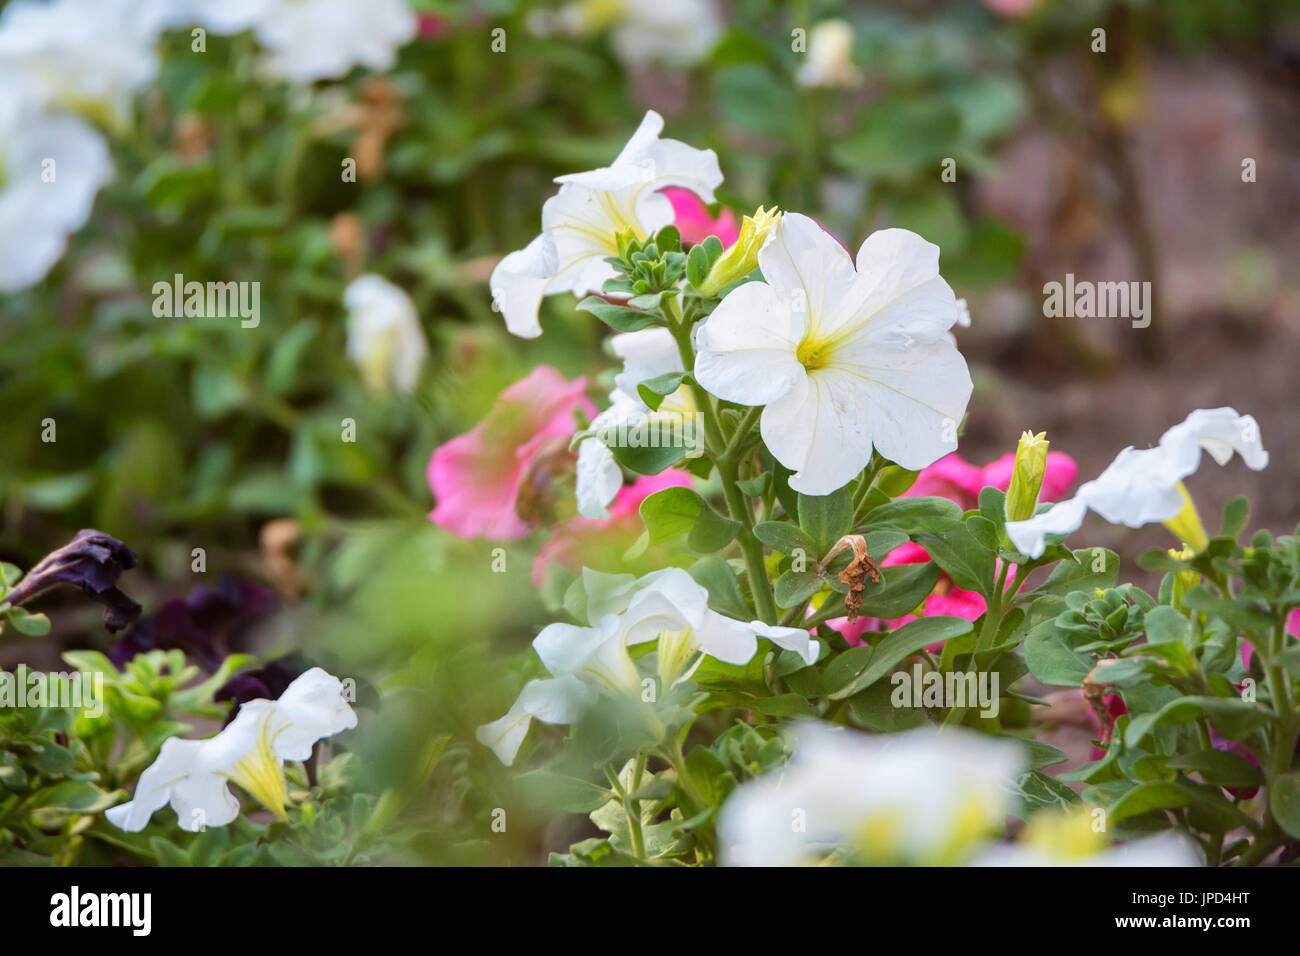 Petunia flowers bloom in the garden - Stock Image